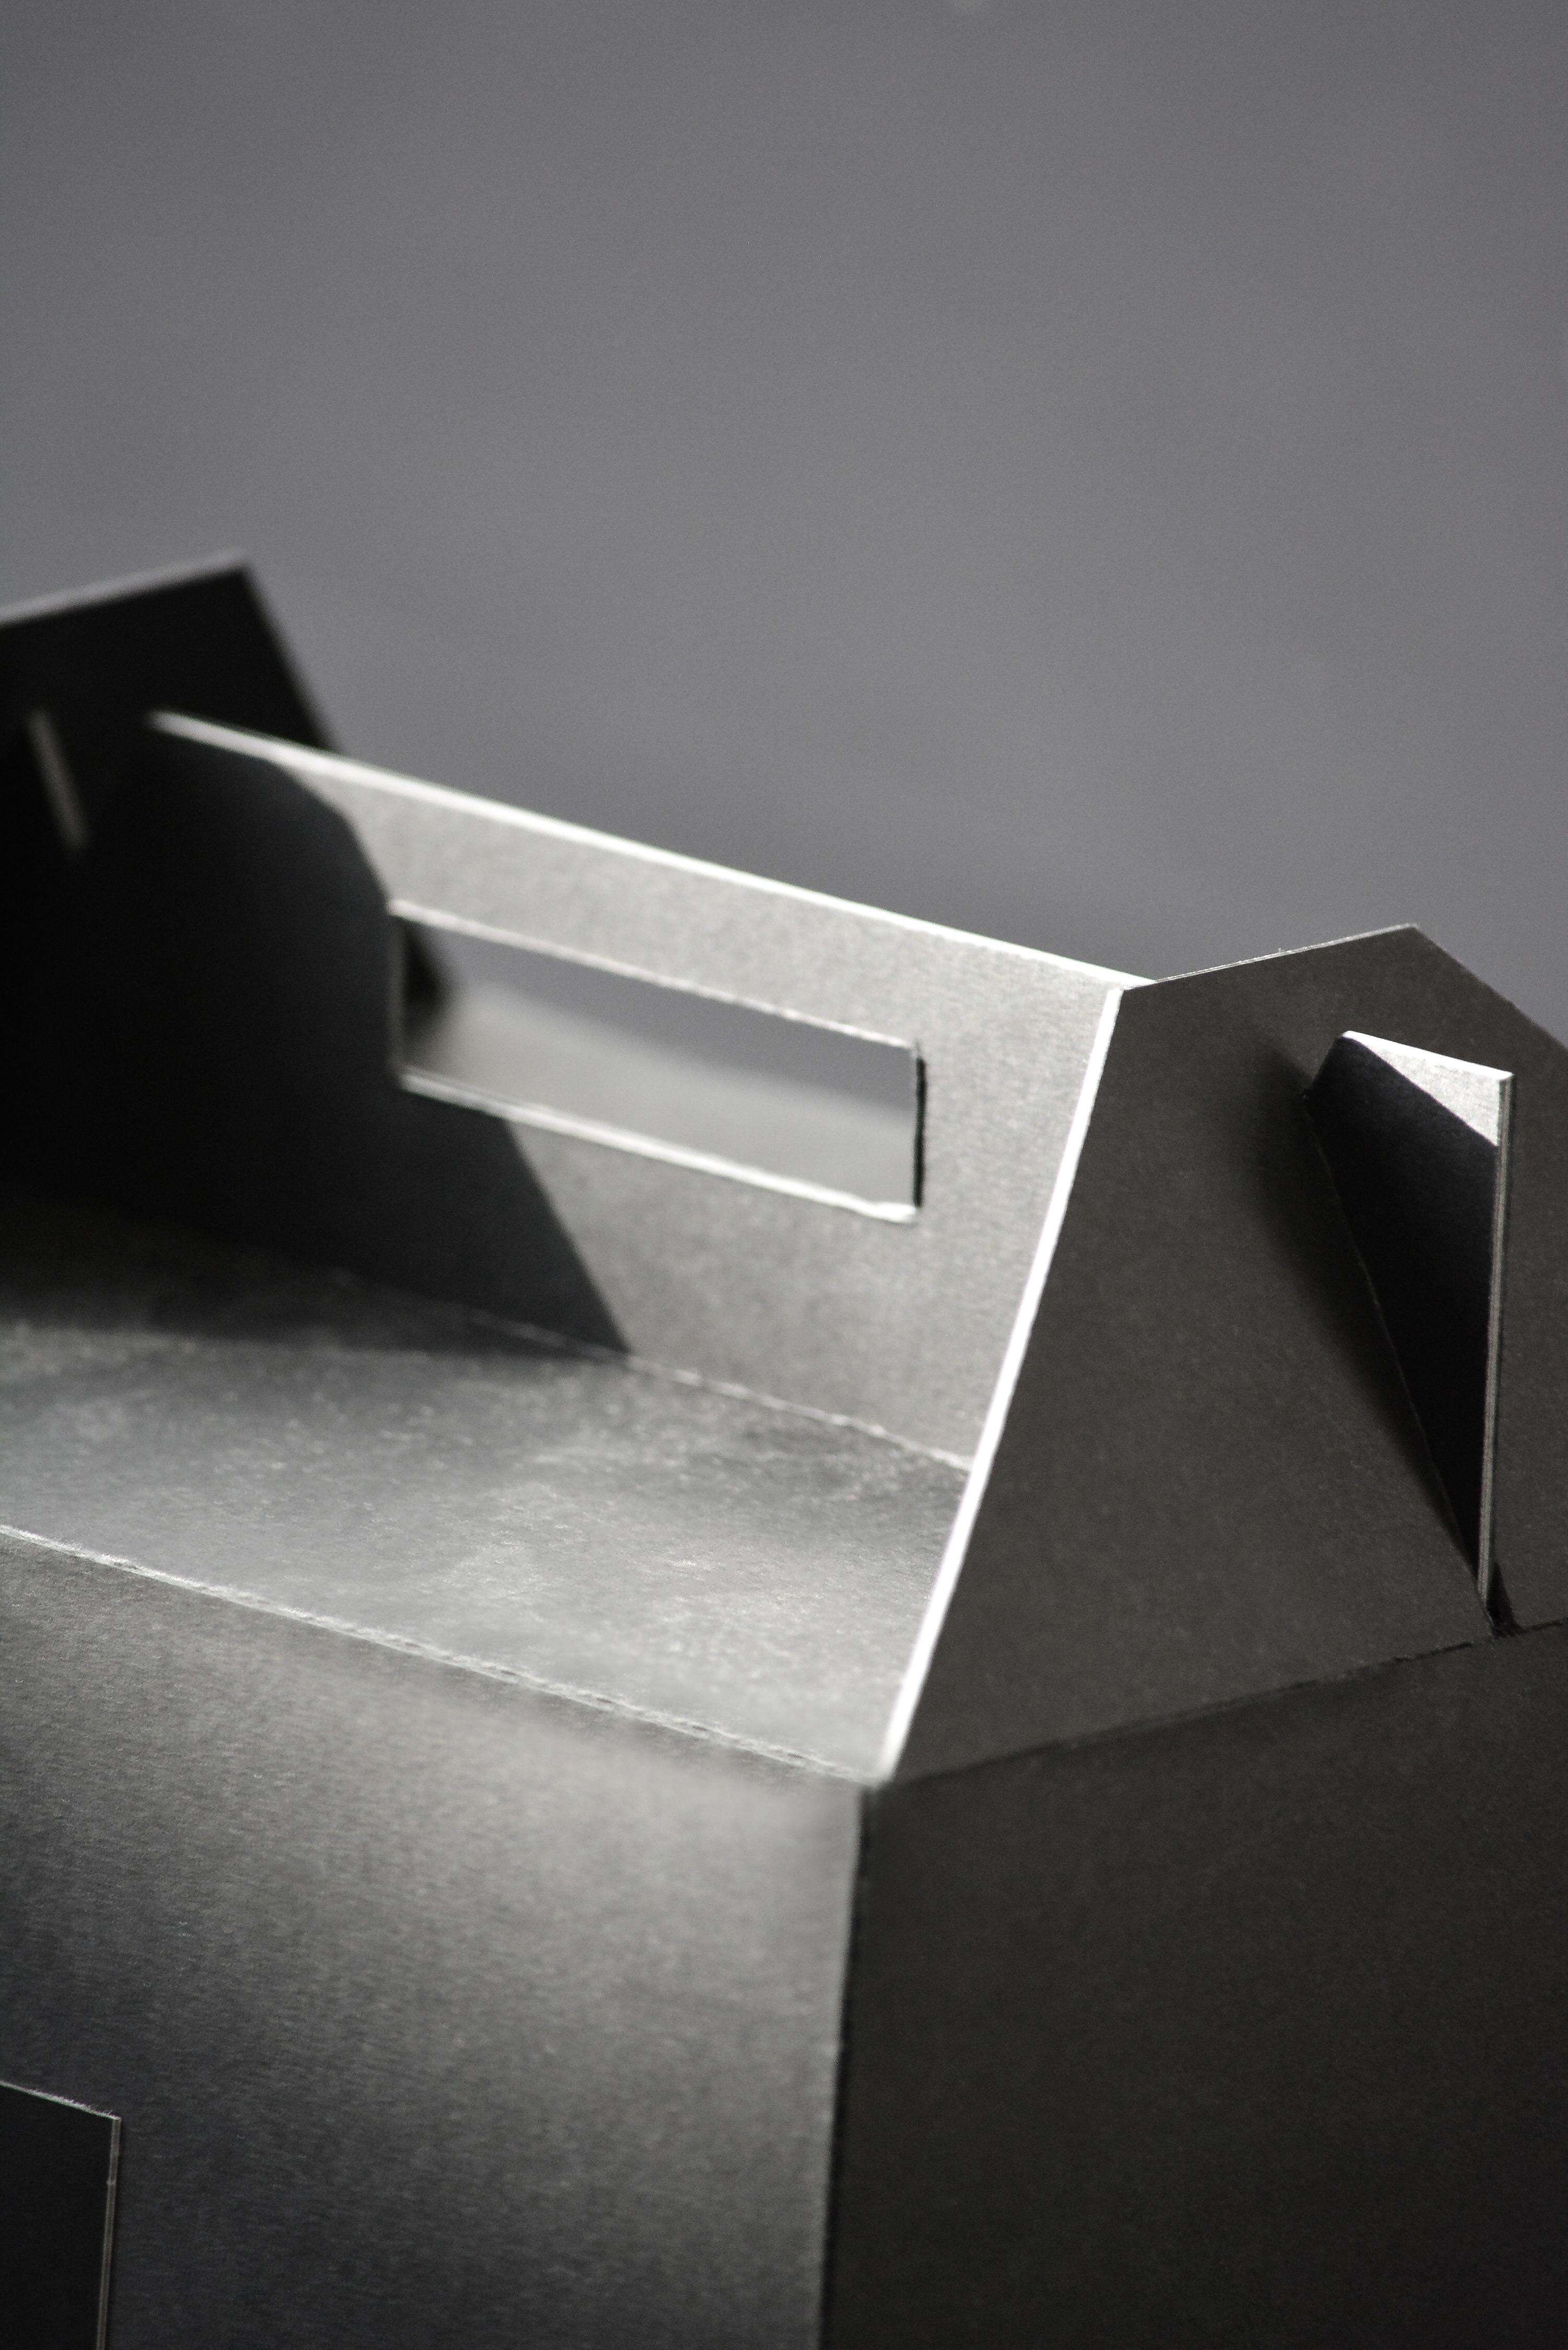 Kol box detail